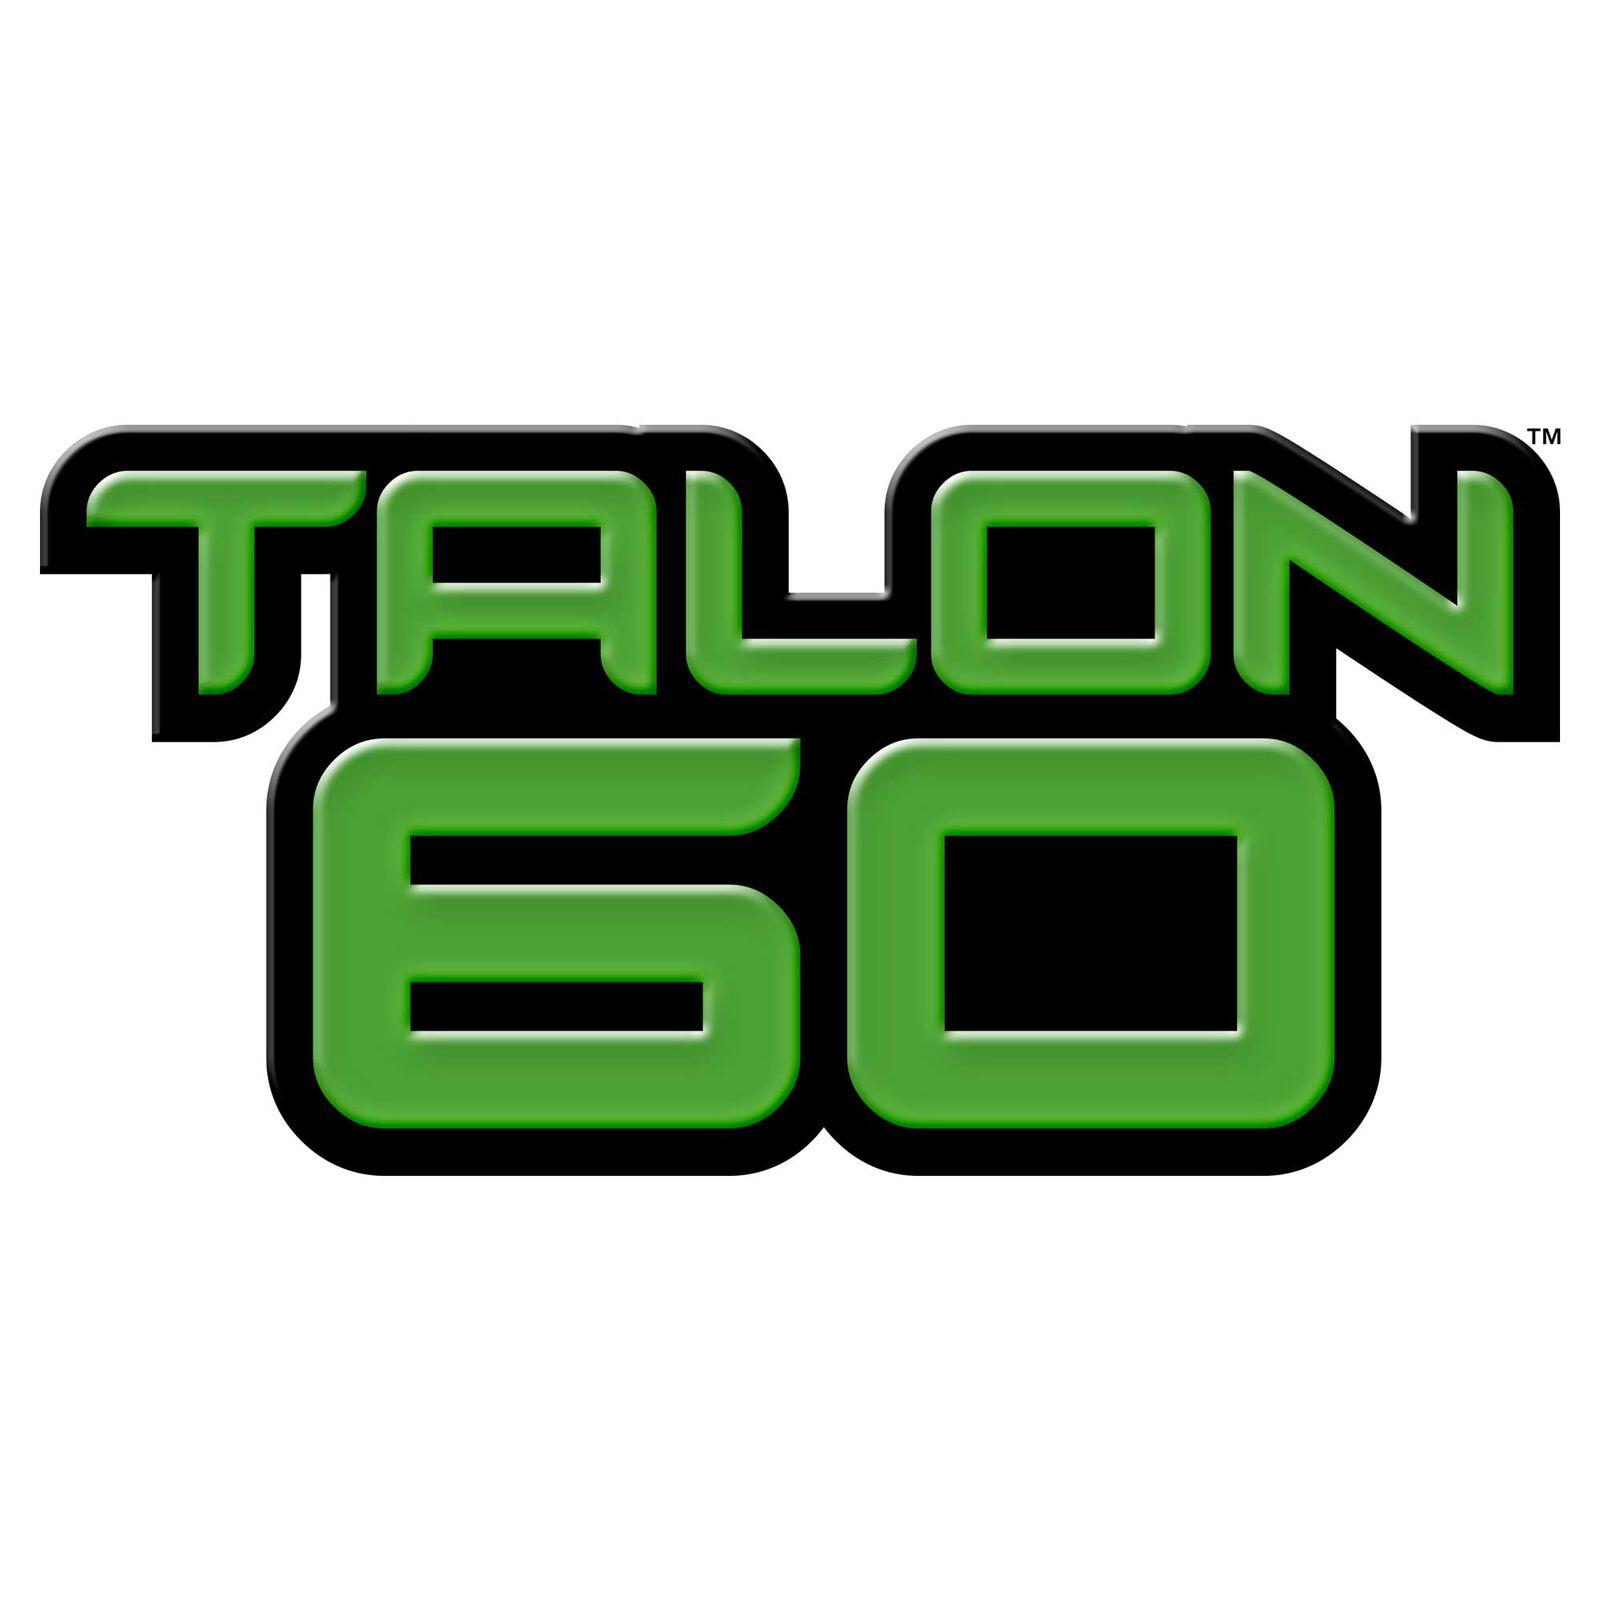 TALON 60 60-Amp 6S MAX Heavy Duty BEC 010016300